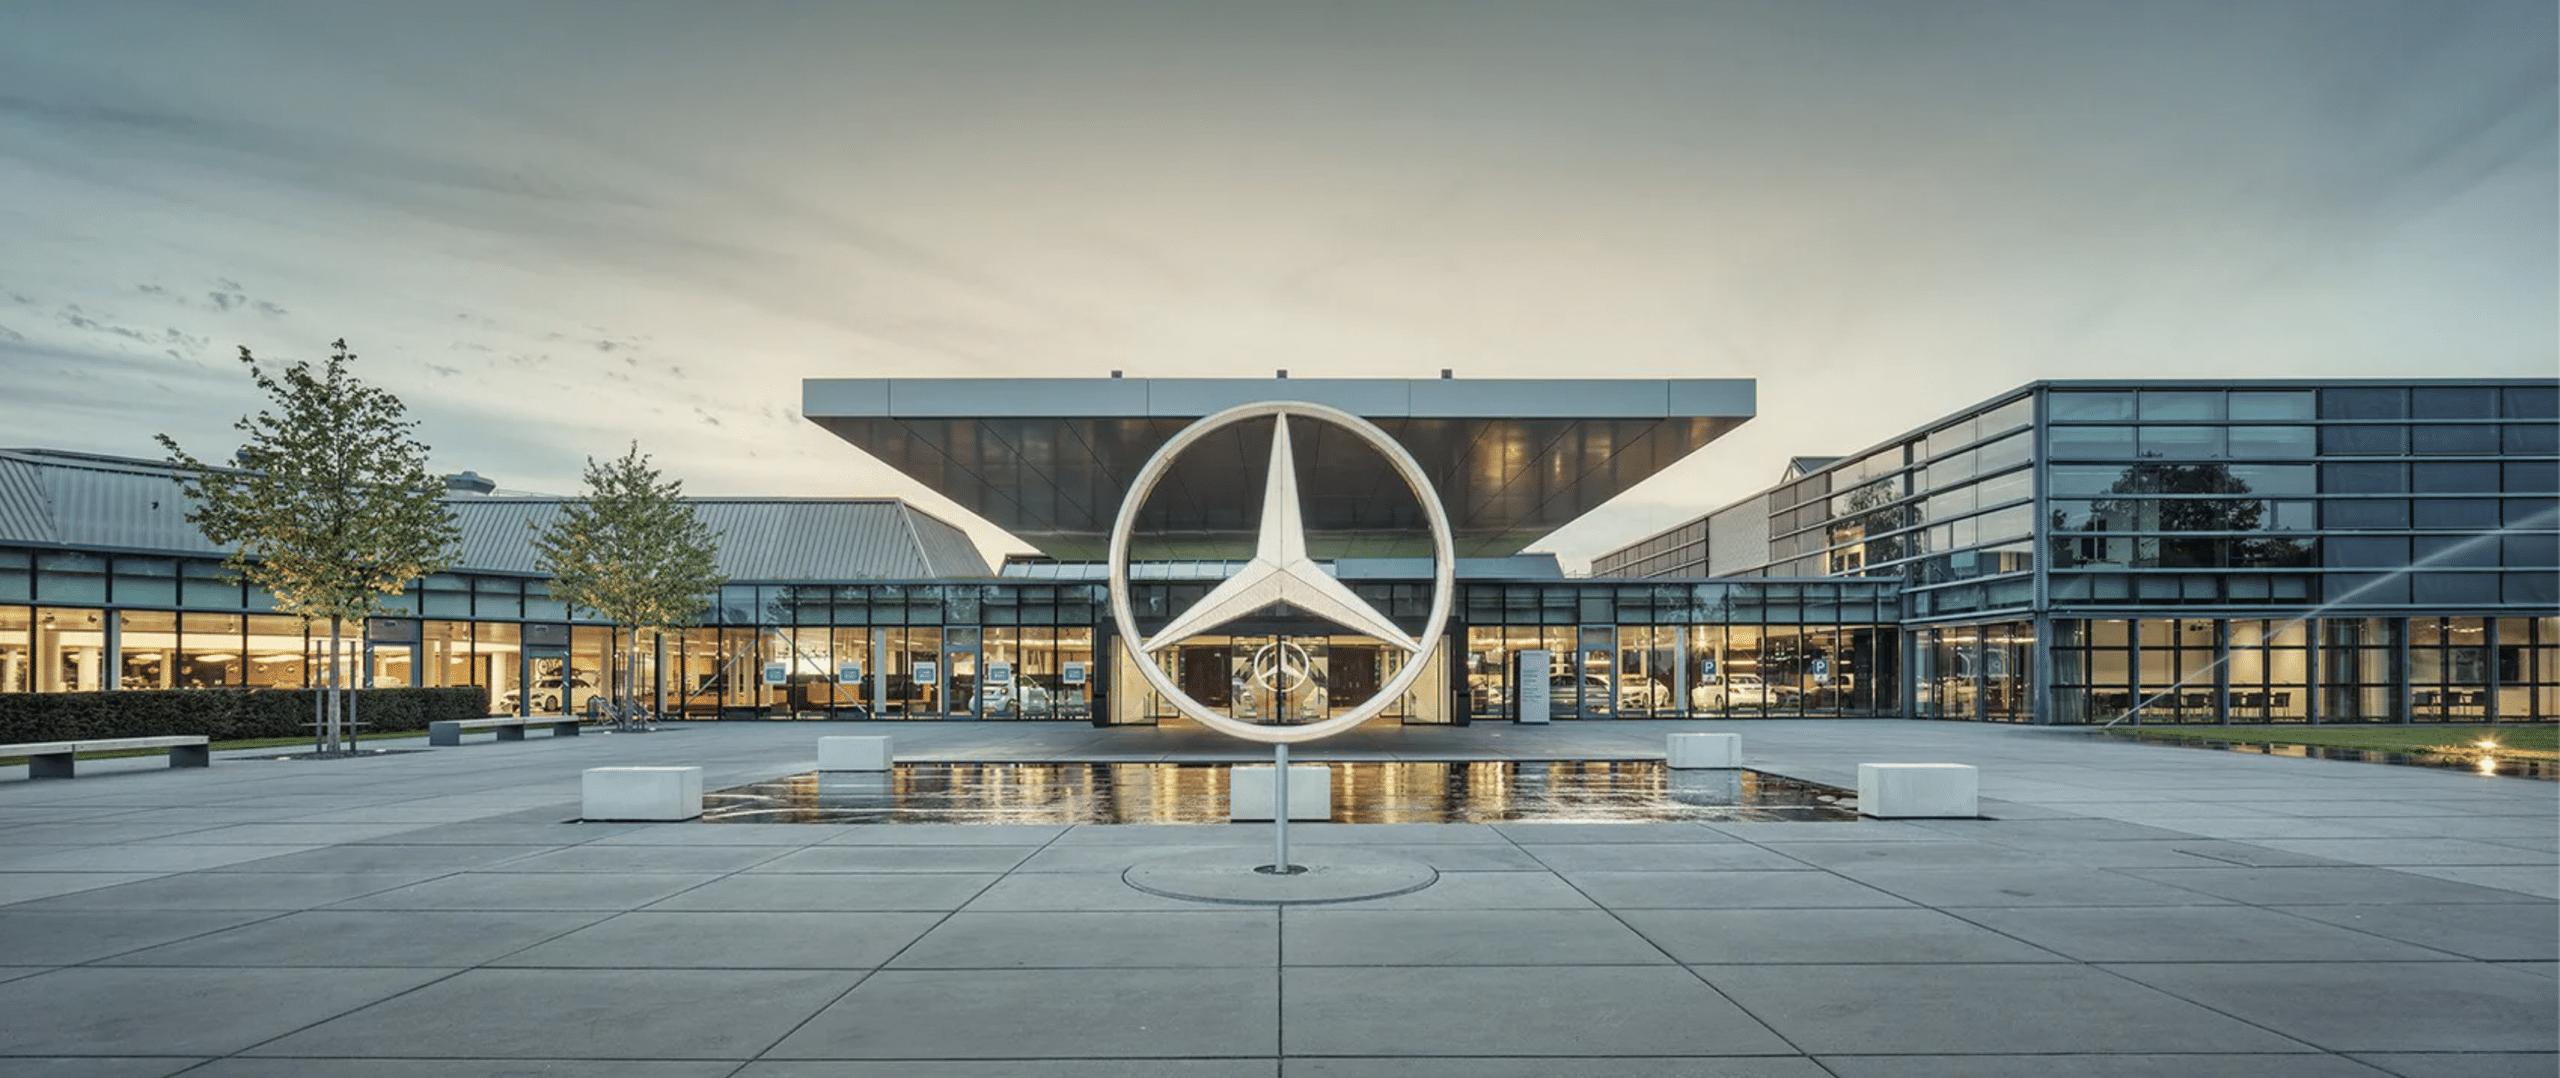 Sindelfingen Mercedes-Benz Costumer Center